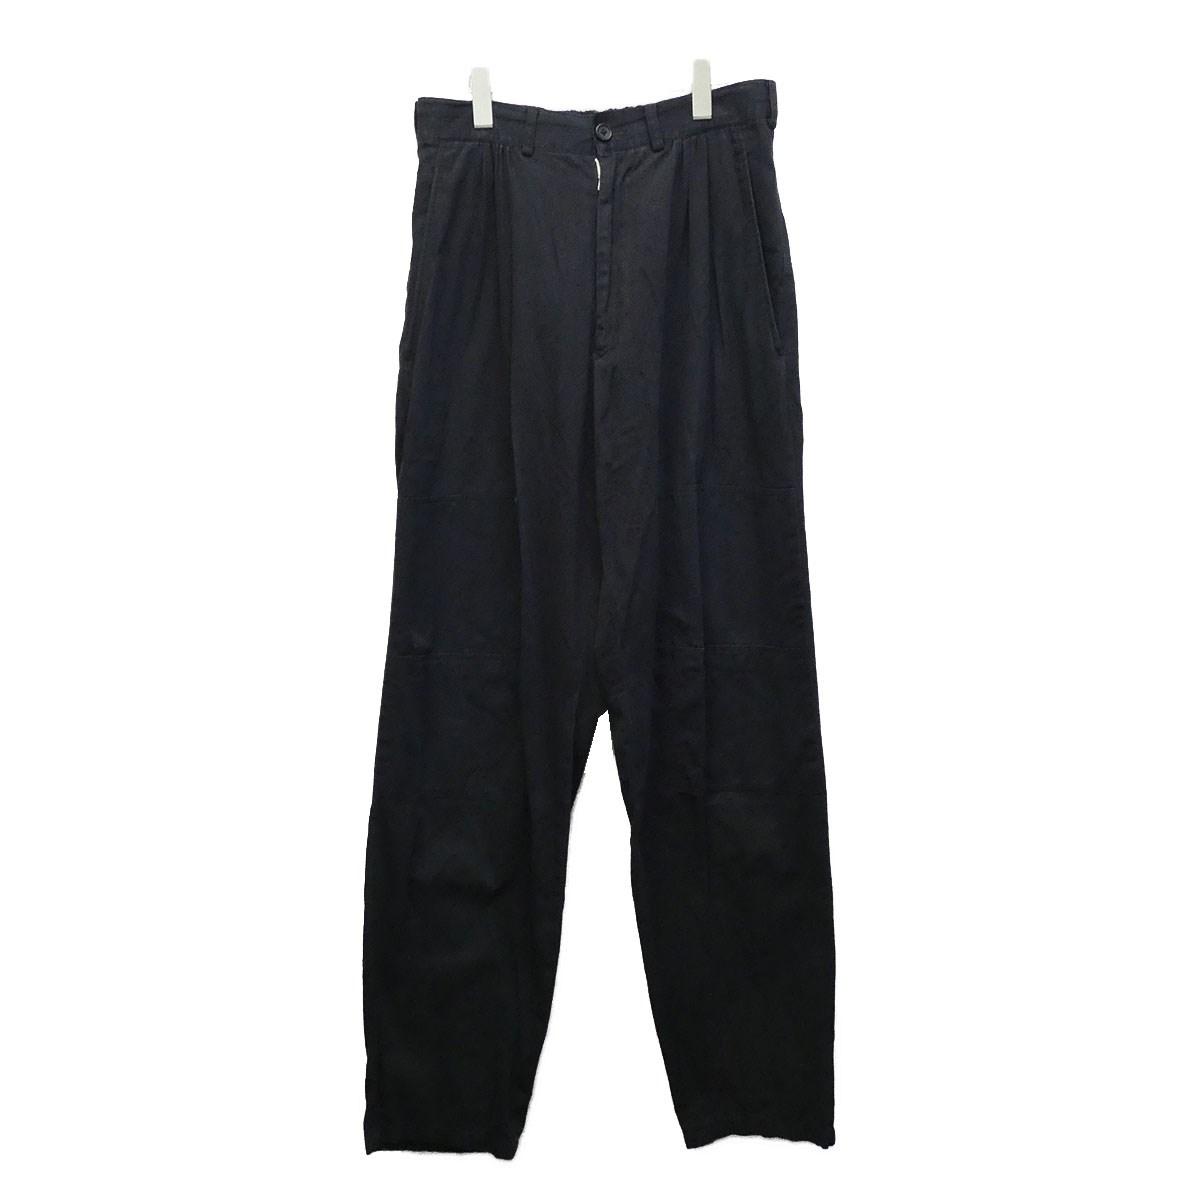 【中古】YOHJI YAMAMOTO pour homme 裾パッチワイドパンツ ネイビー サイズ:M 【070720】(ヨウジヤマモトプールオム)